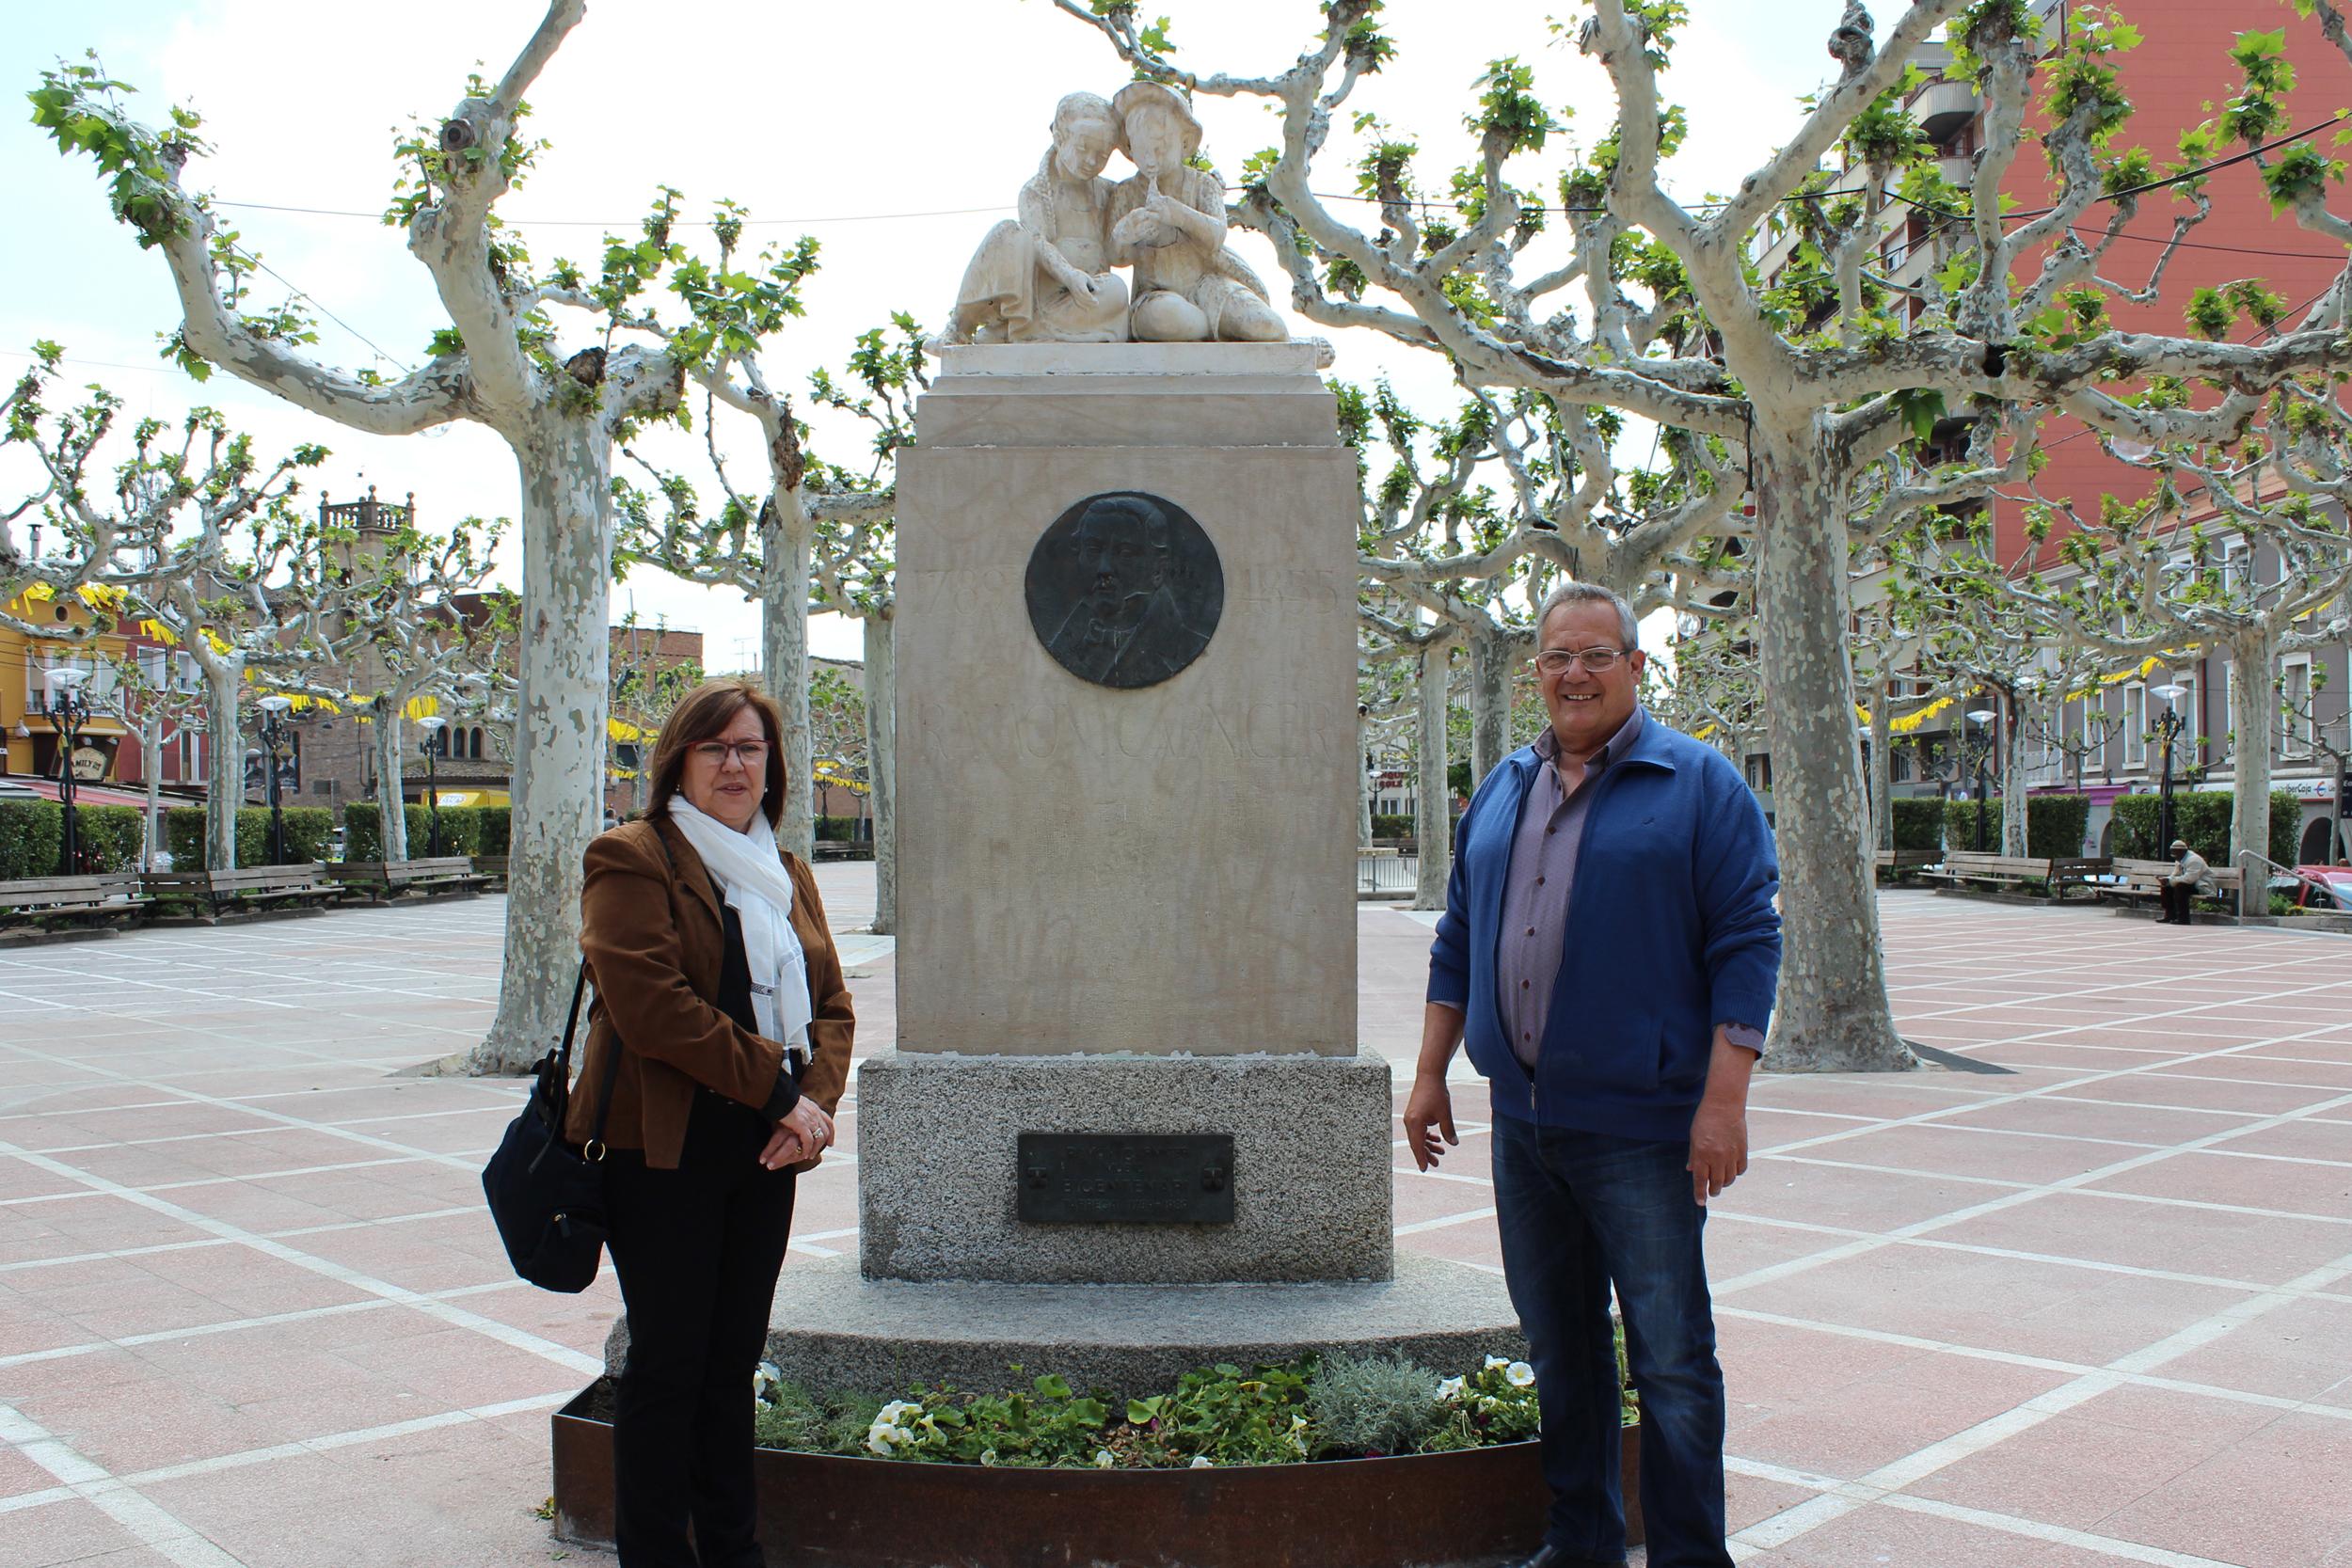 L'Ajuntament de Tàrrega restaura el monument dedicat al compositor local Ramon Carnicer, a la plaça del Carme